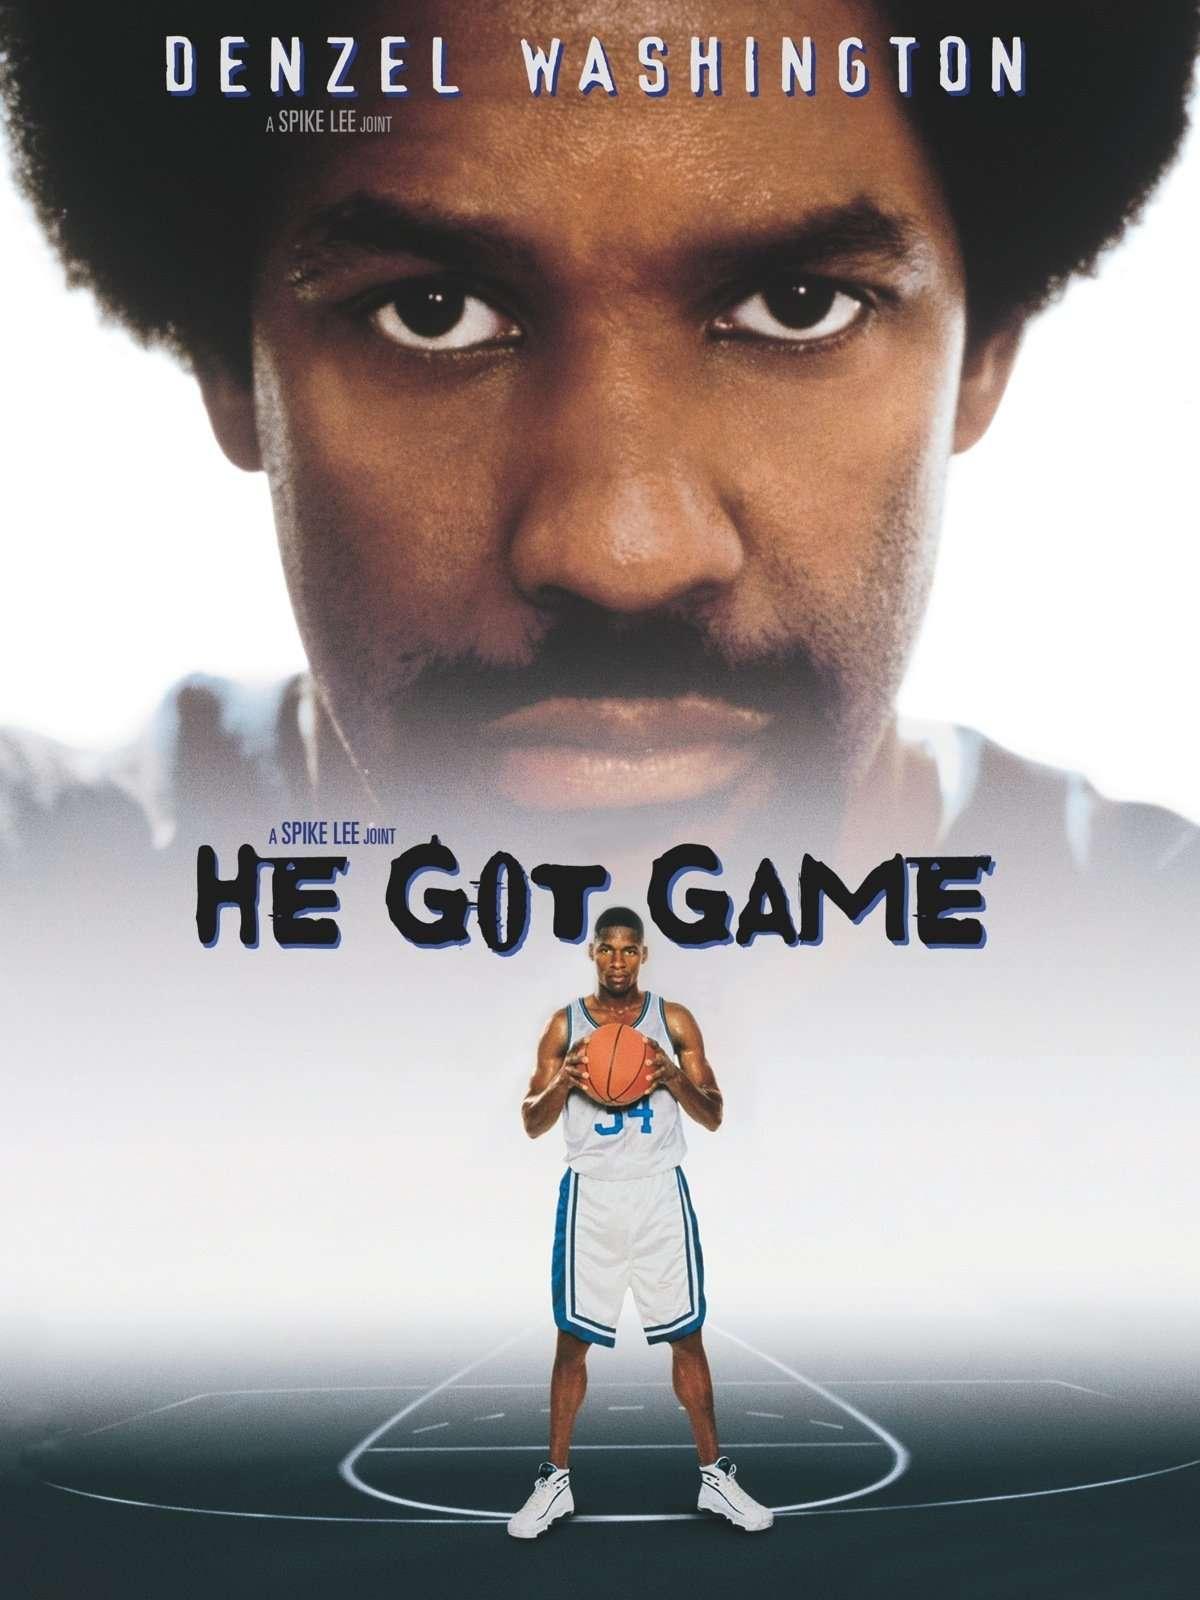 phim he got game 12 phim hay về bóng rổ đáng xem